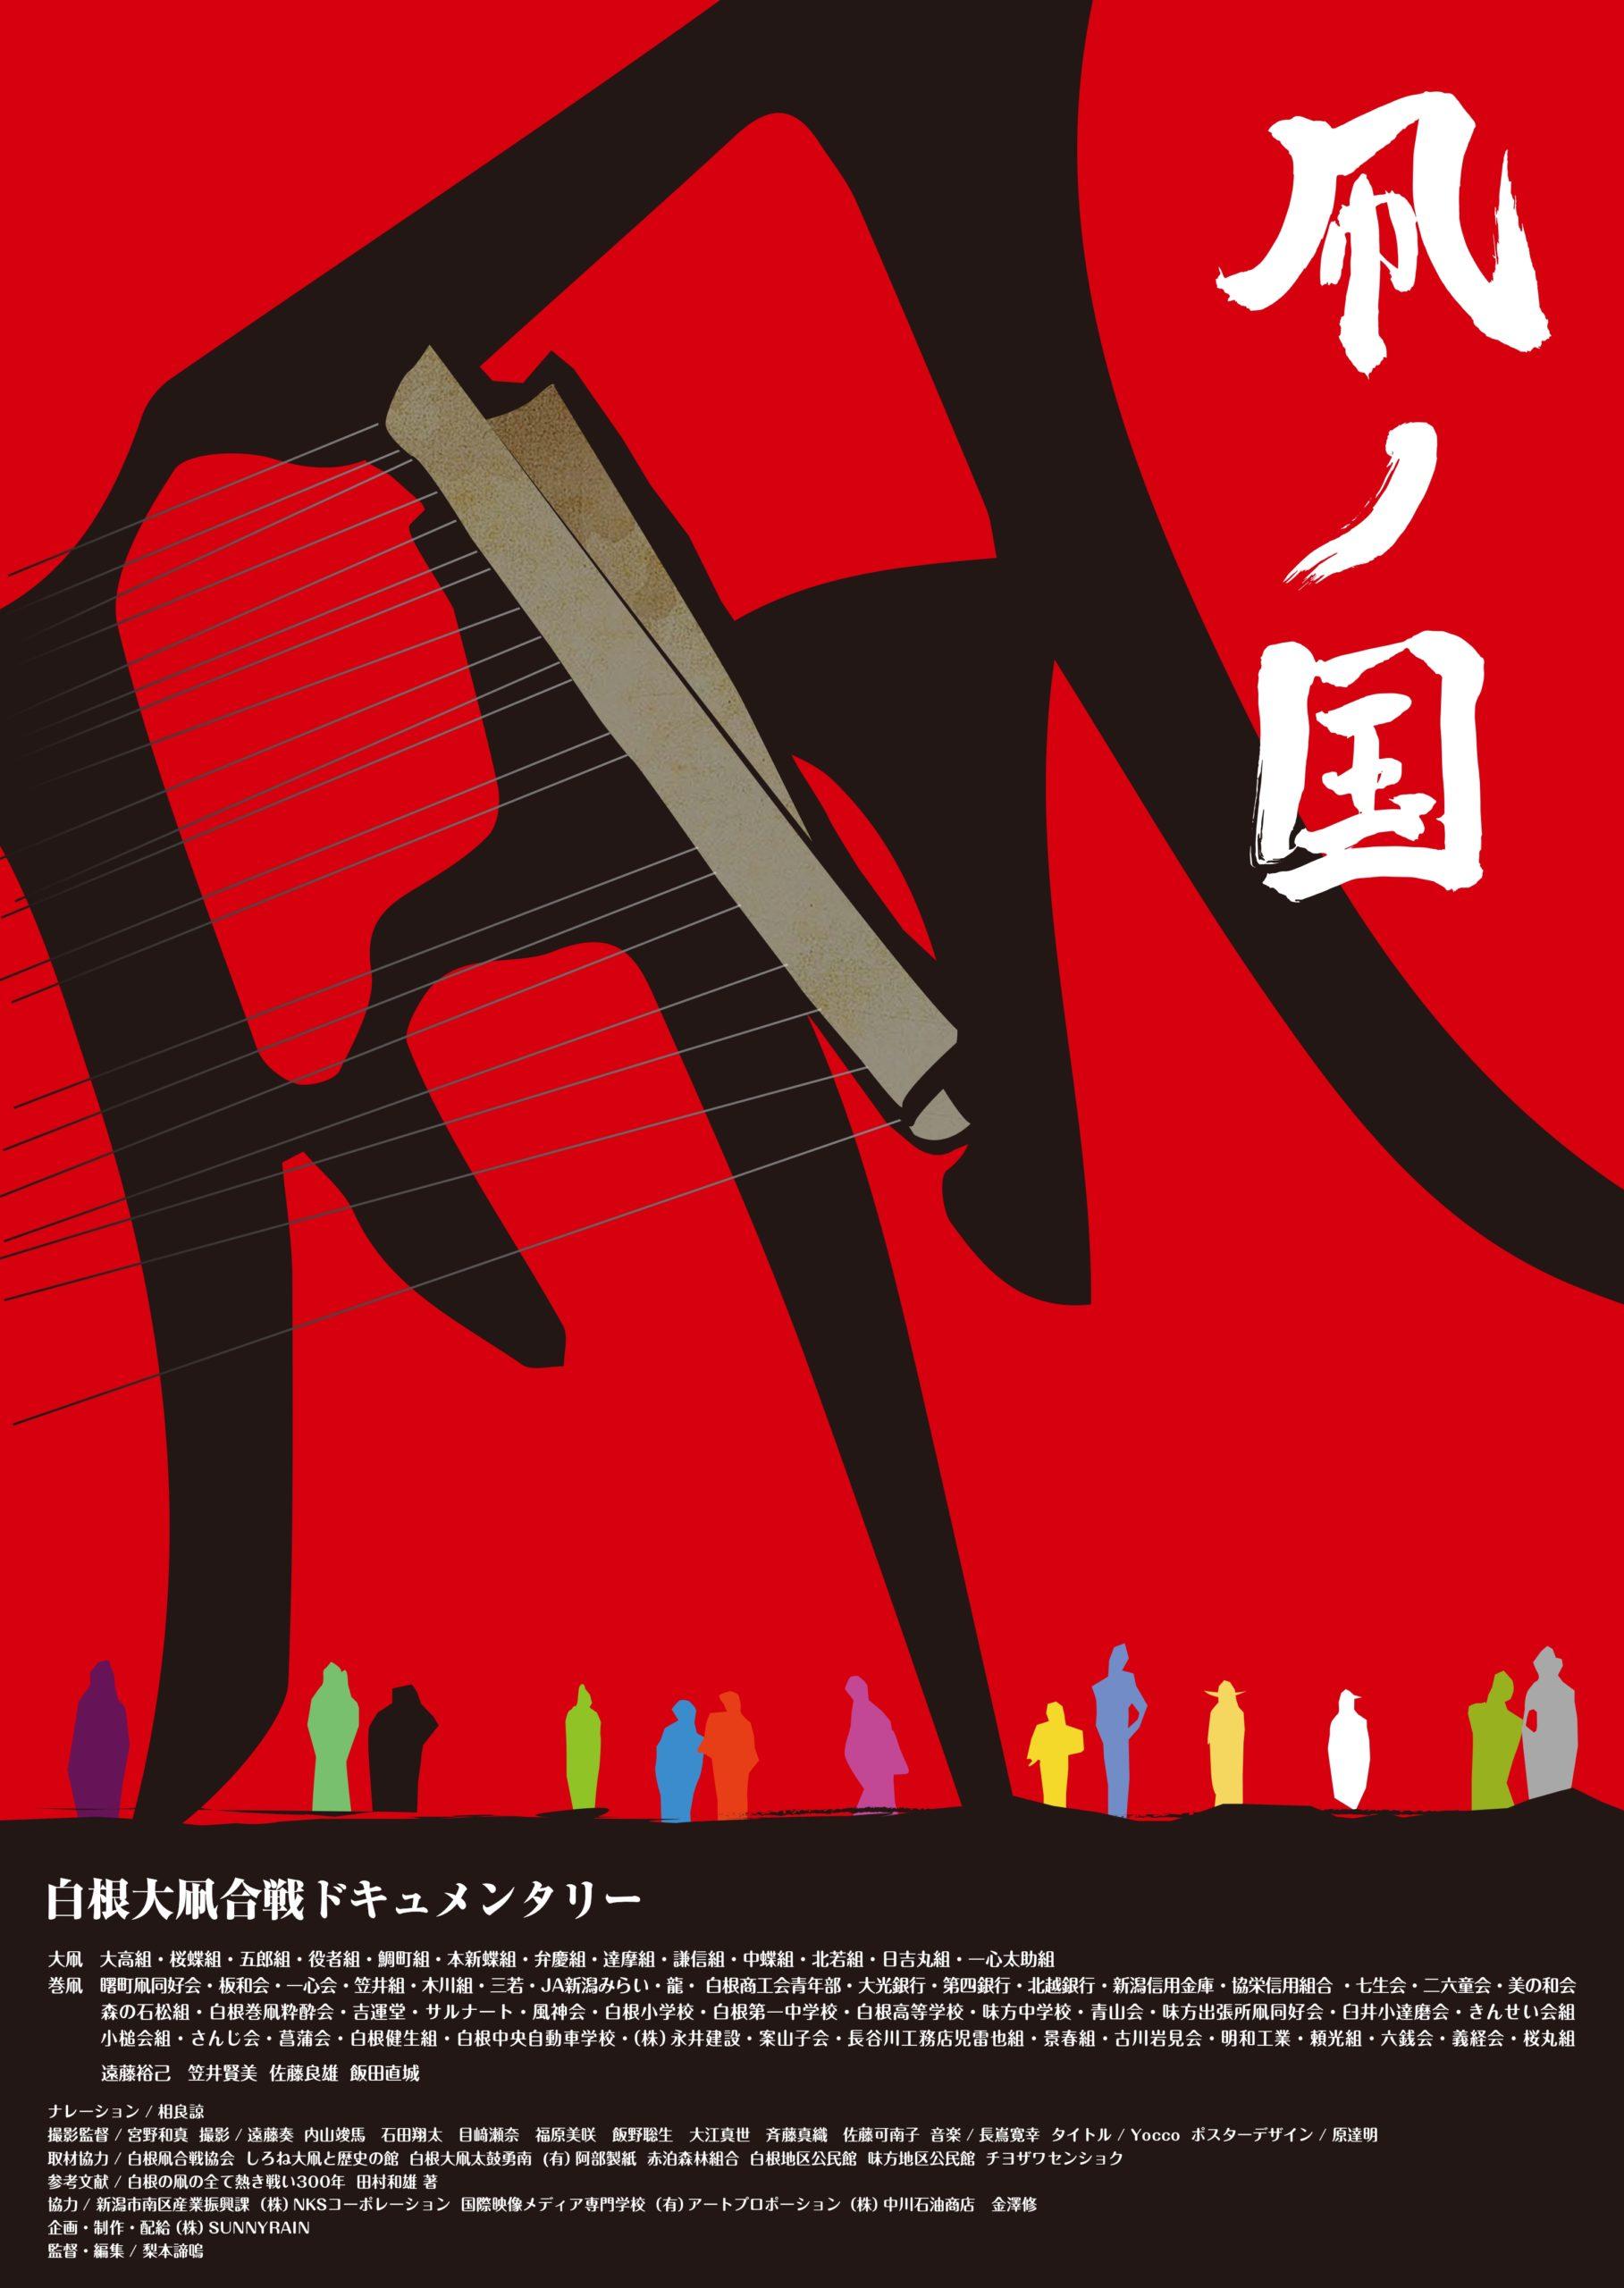 11/14公開「凧ノ国」特別料金のご案内